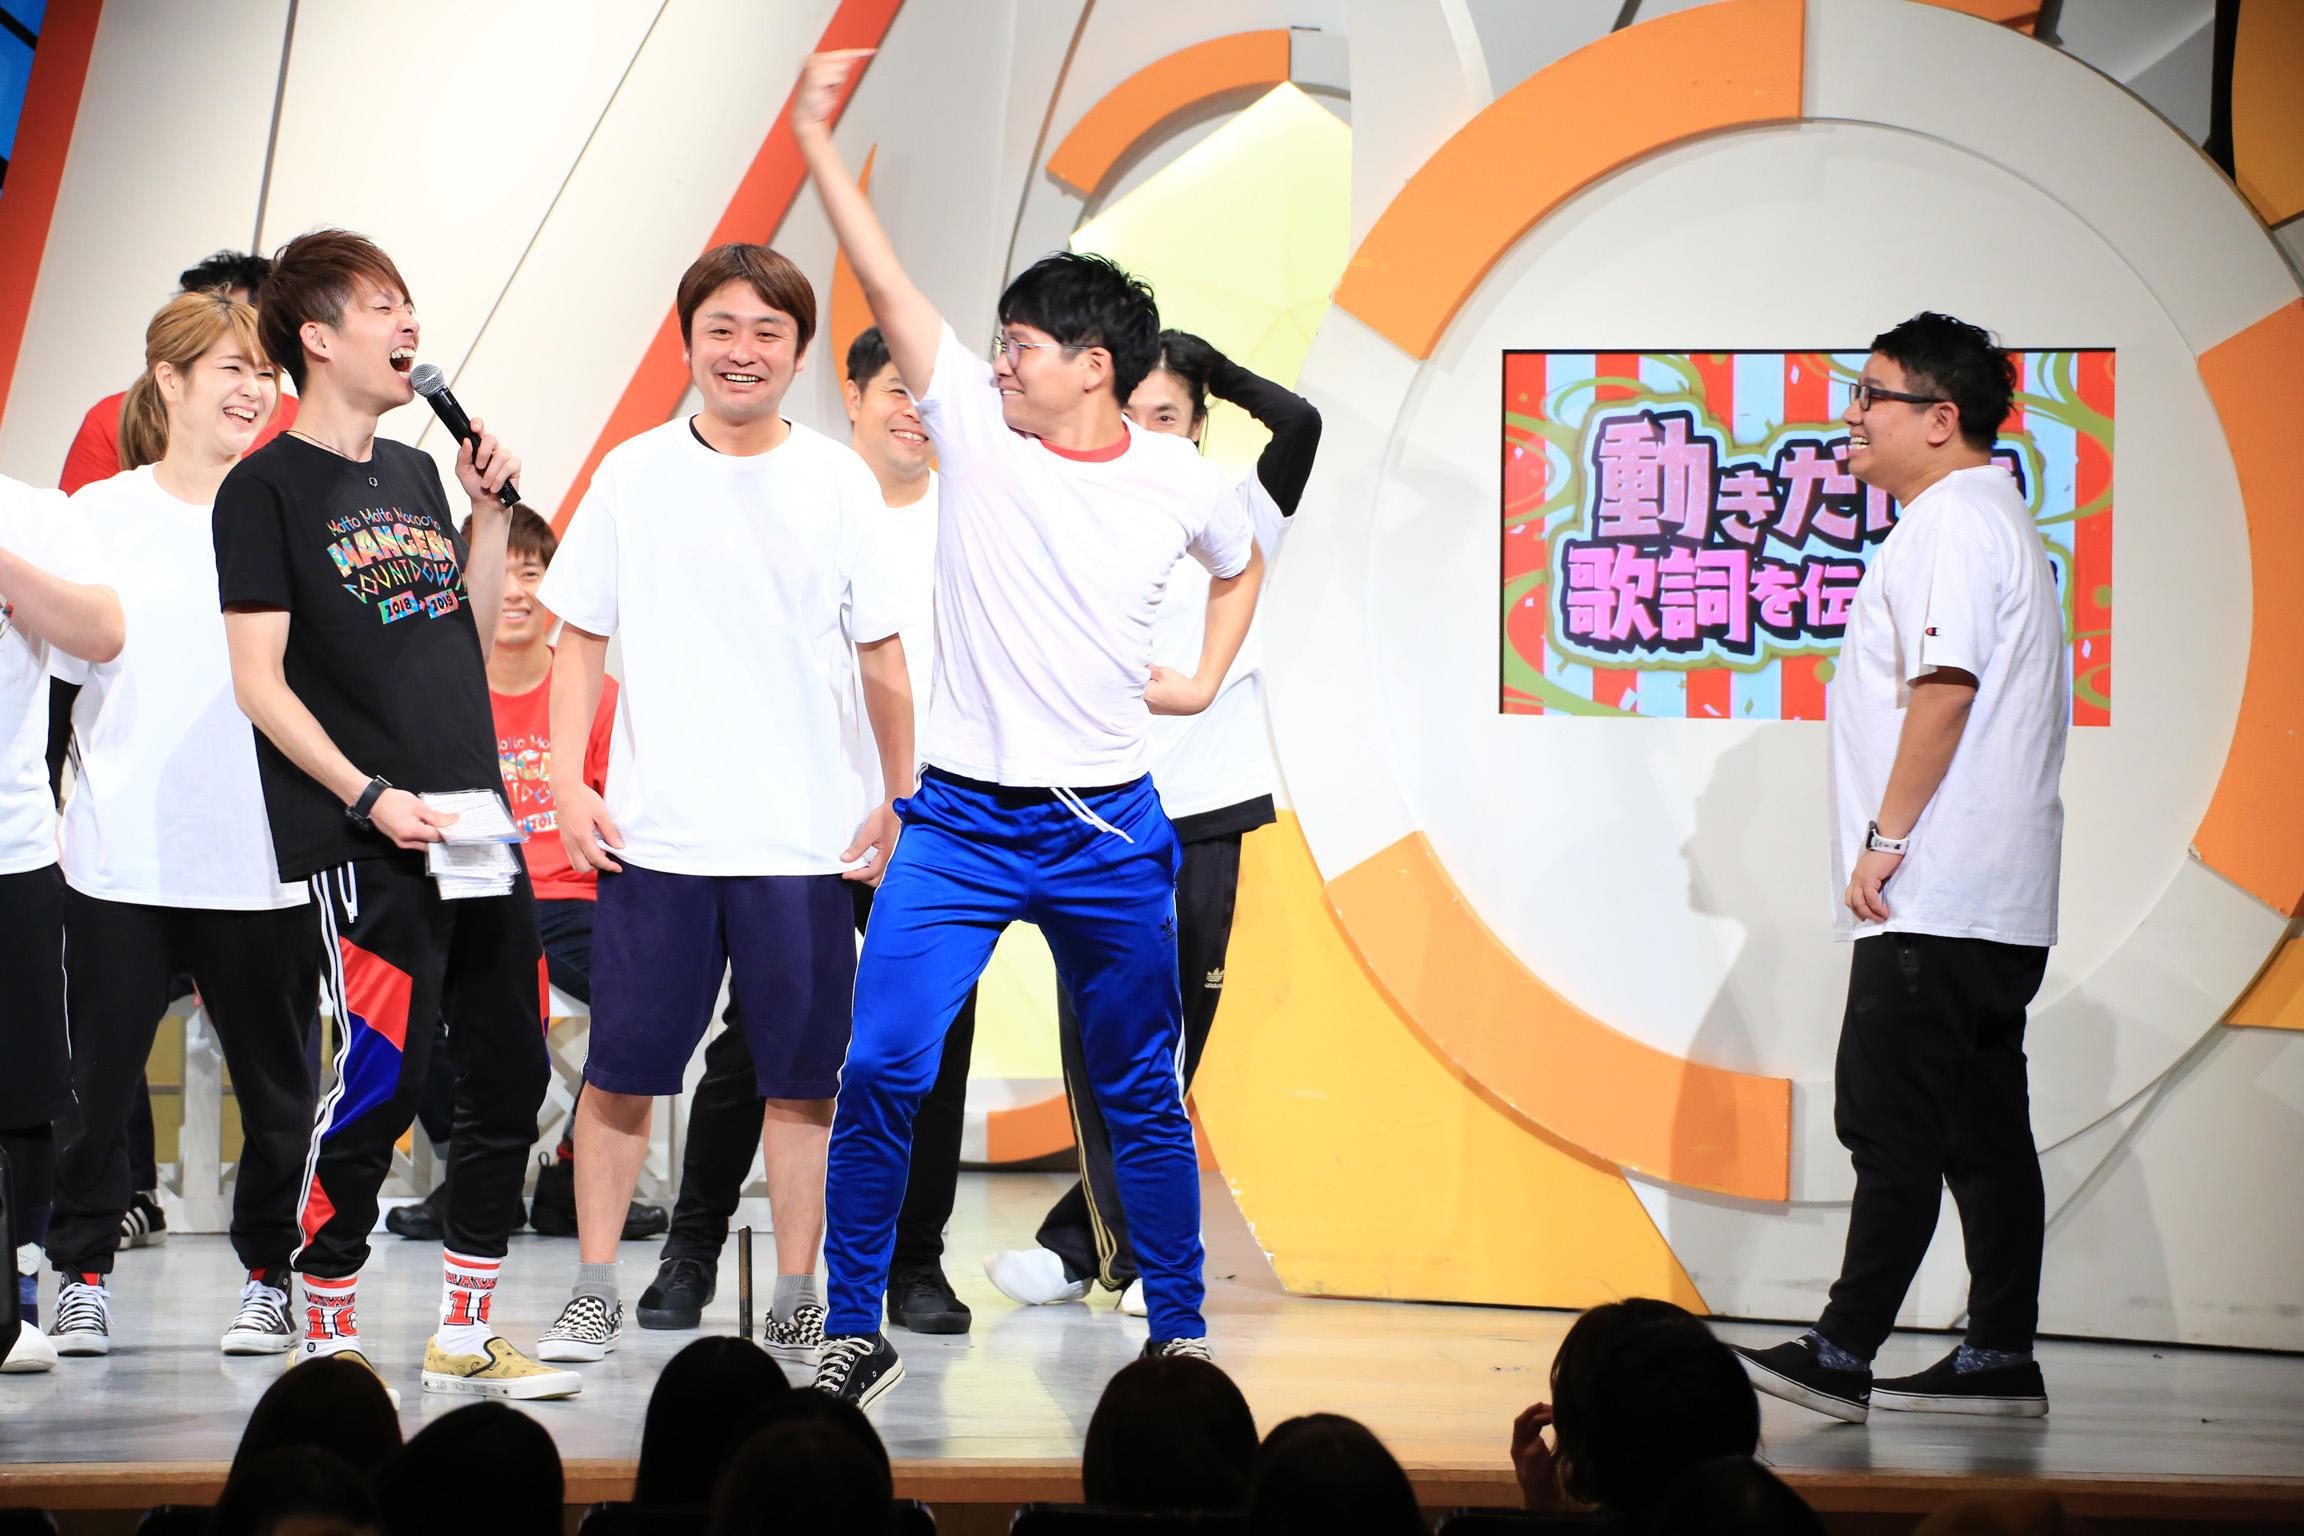 http://news.yoshimoto.co.jp/20190101105811-f509a6d5360bee182b8d5ec1d3bee59fb5a0d0fd.jpg